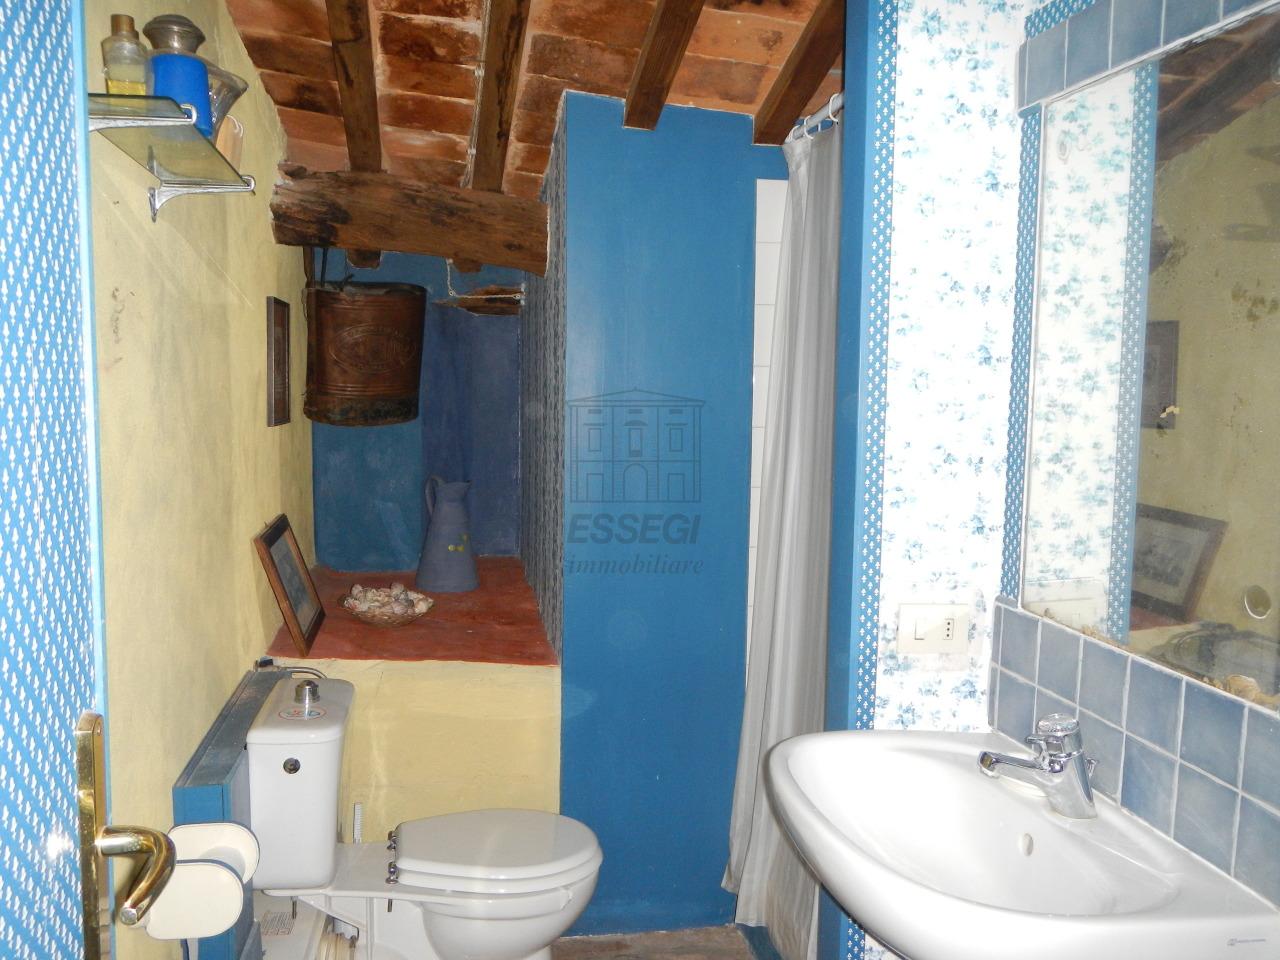 tipica casa toscana di paese sulle colline di lucca img 32